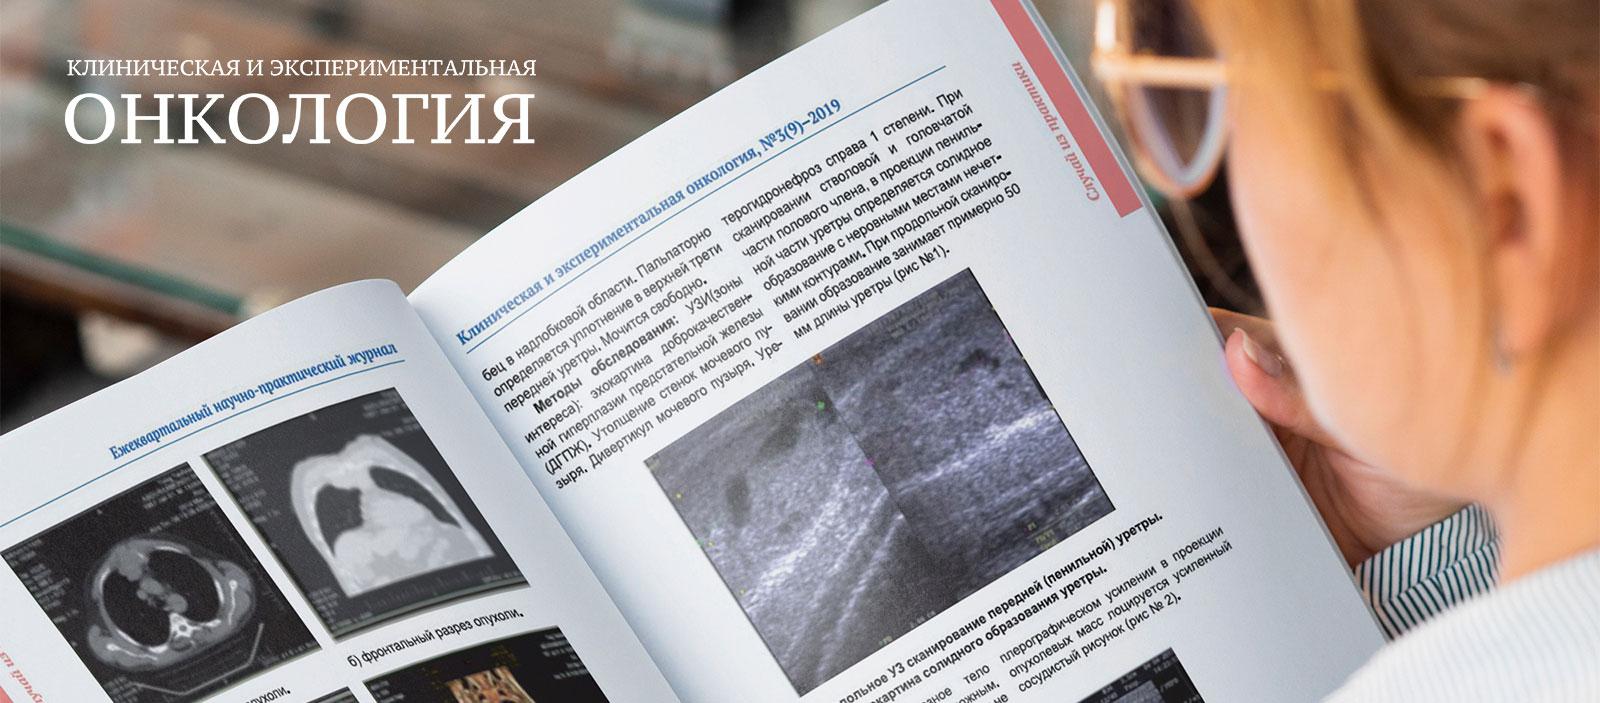 Журнал «Клиническая и экспериментальная онкология» в социальных сетях